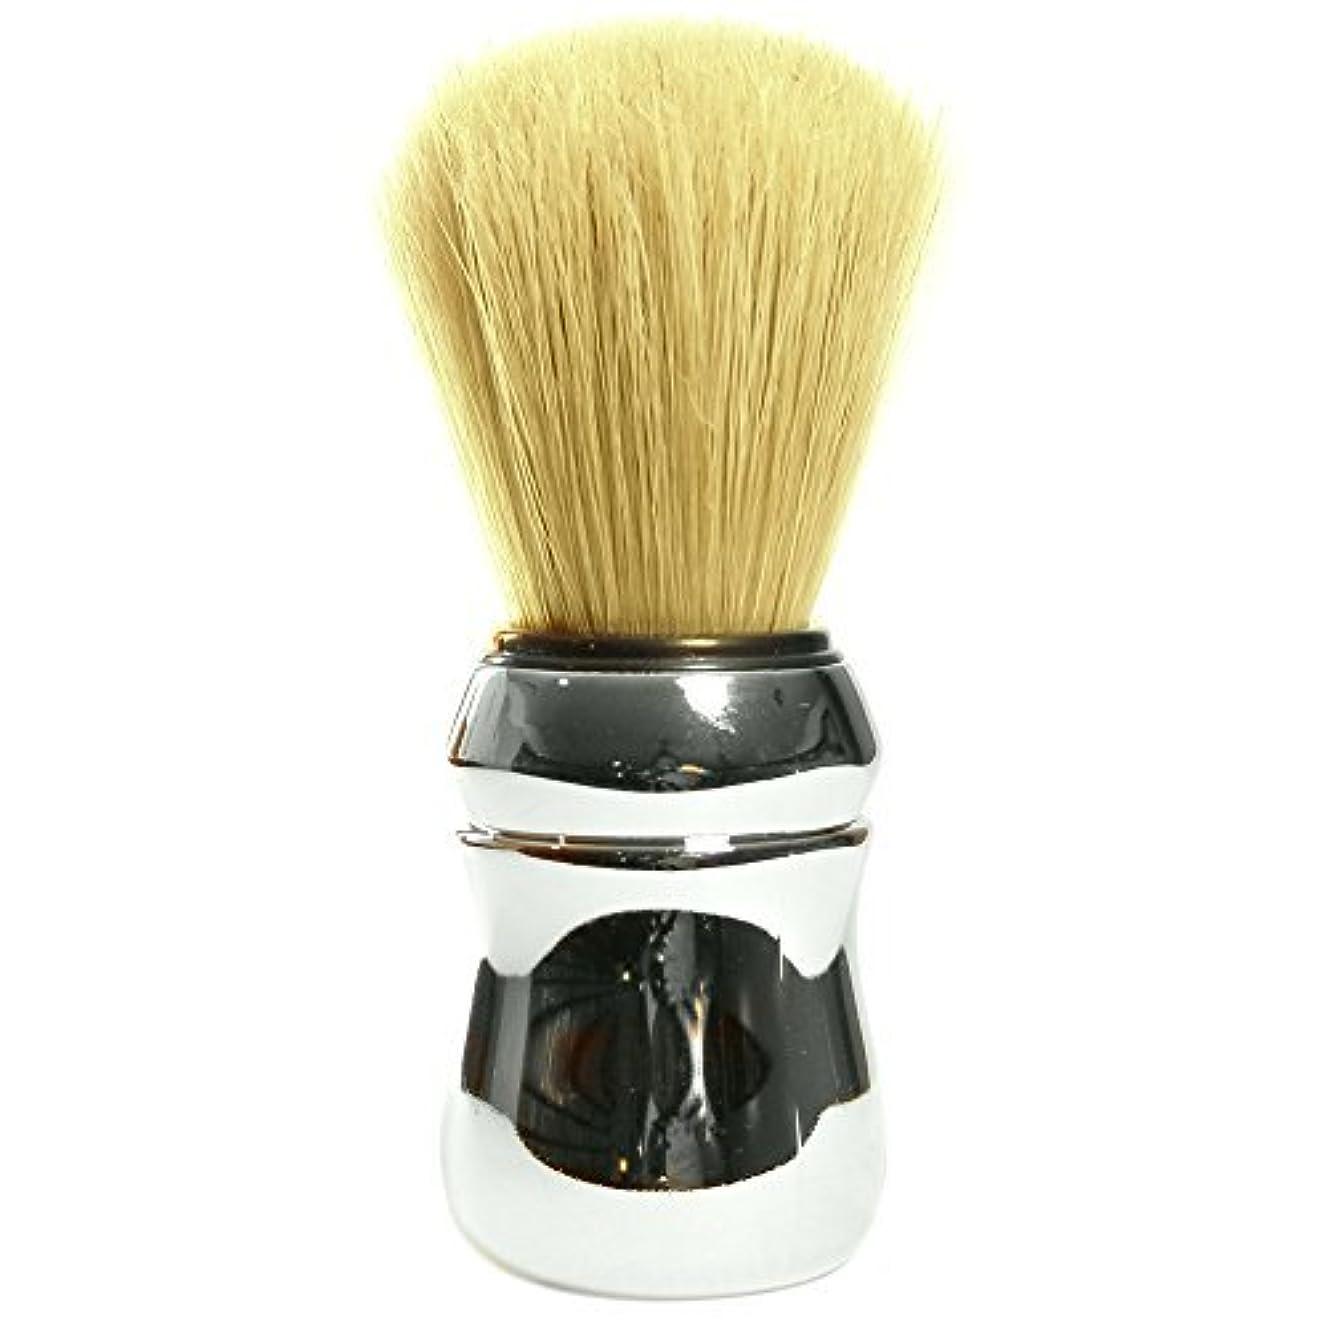 関係ないテラスダーベビルのテスProraso Professional Boar Hair Shaving Brush by Proraso